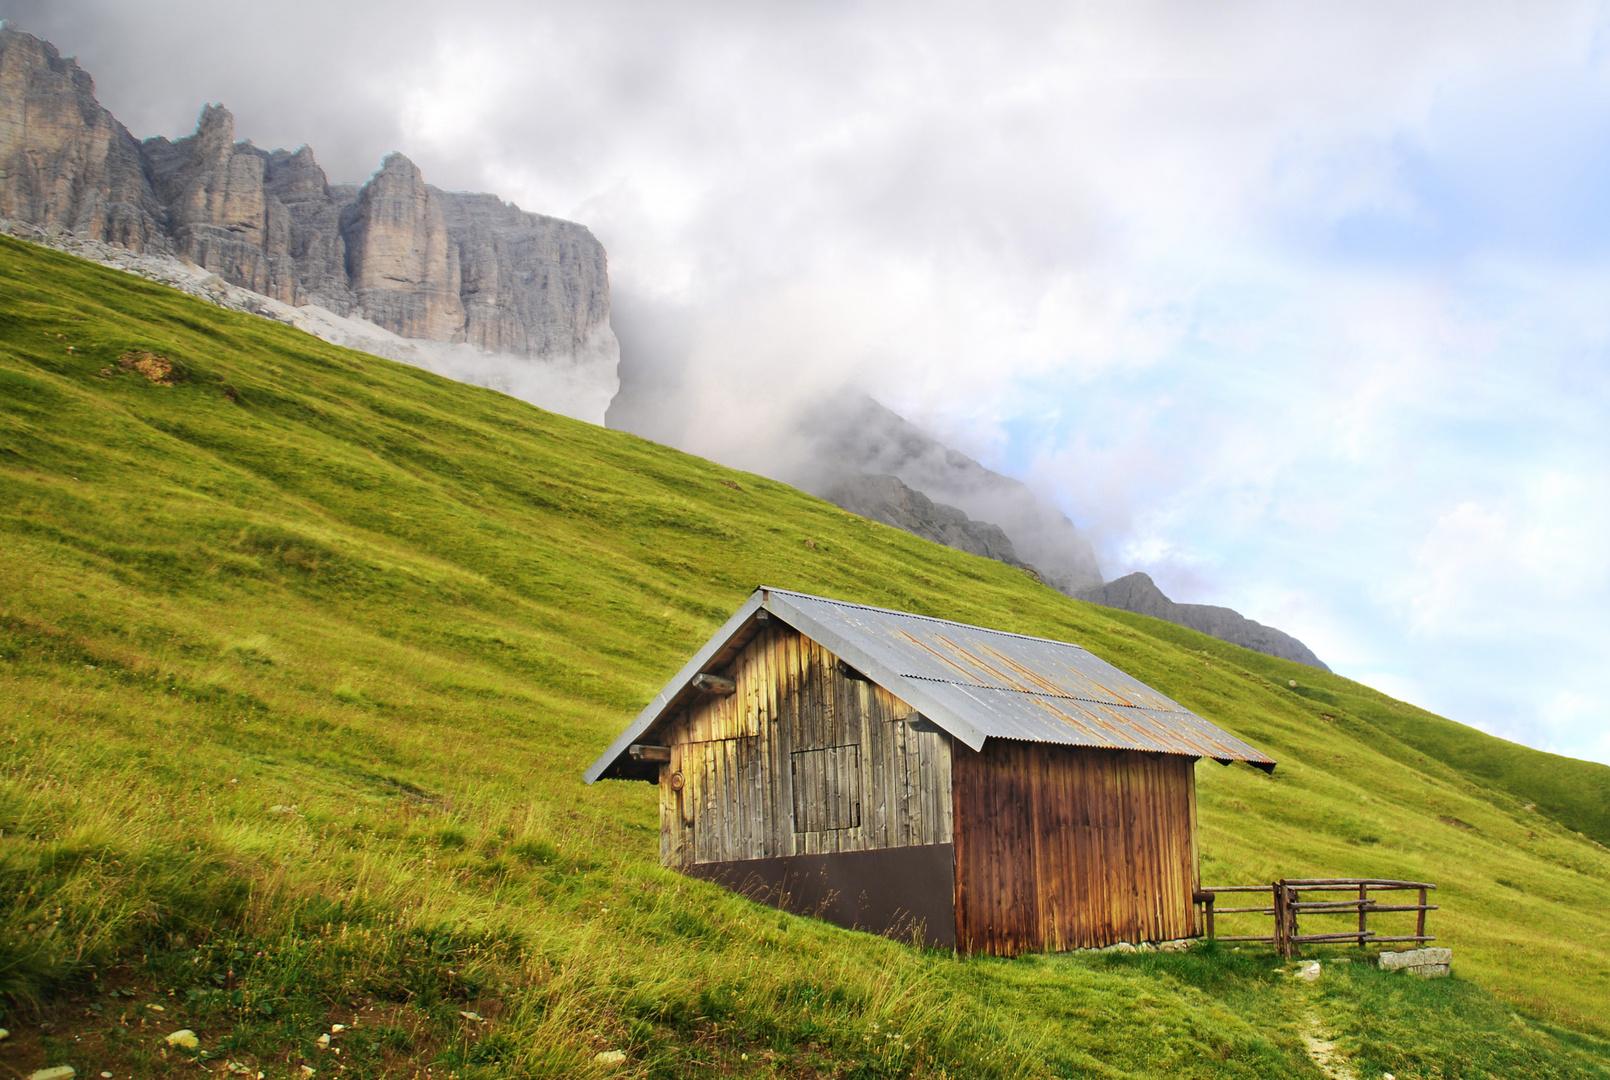 Hütte am Passo Pordoi